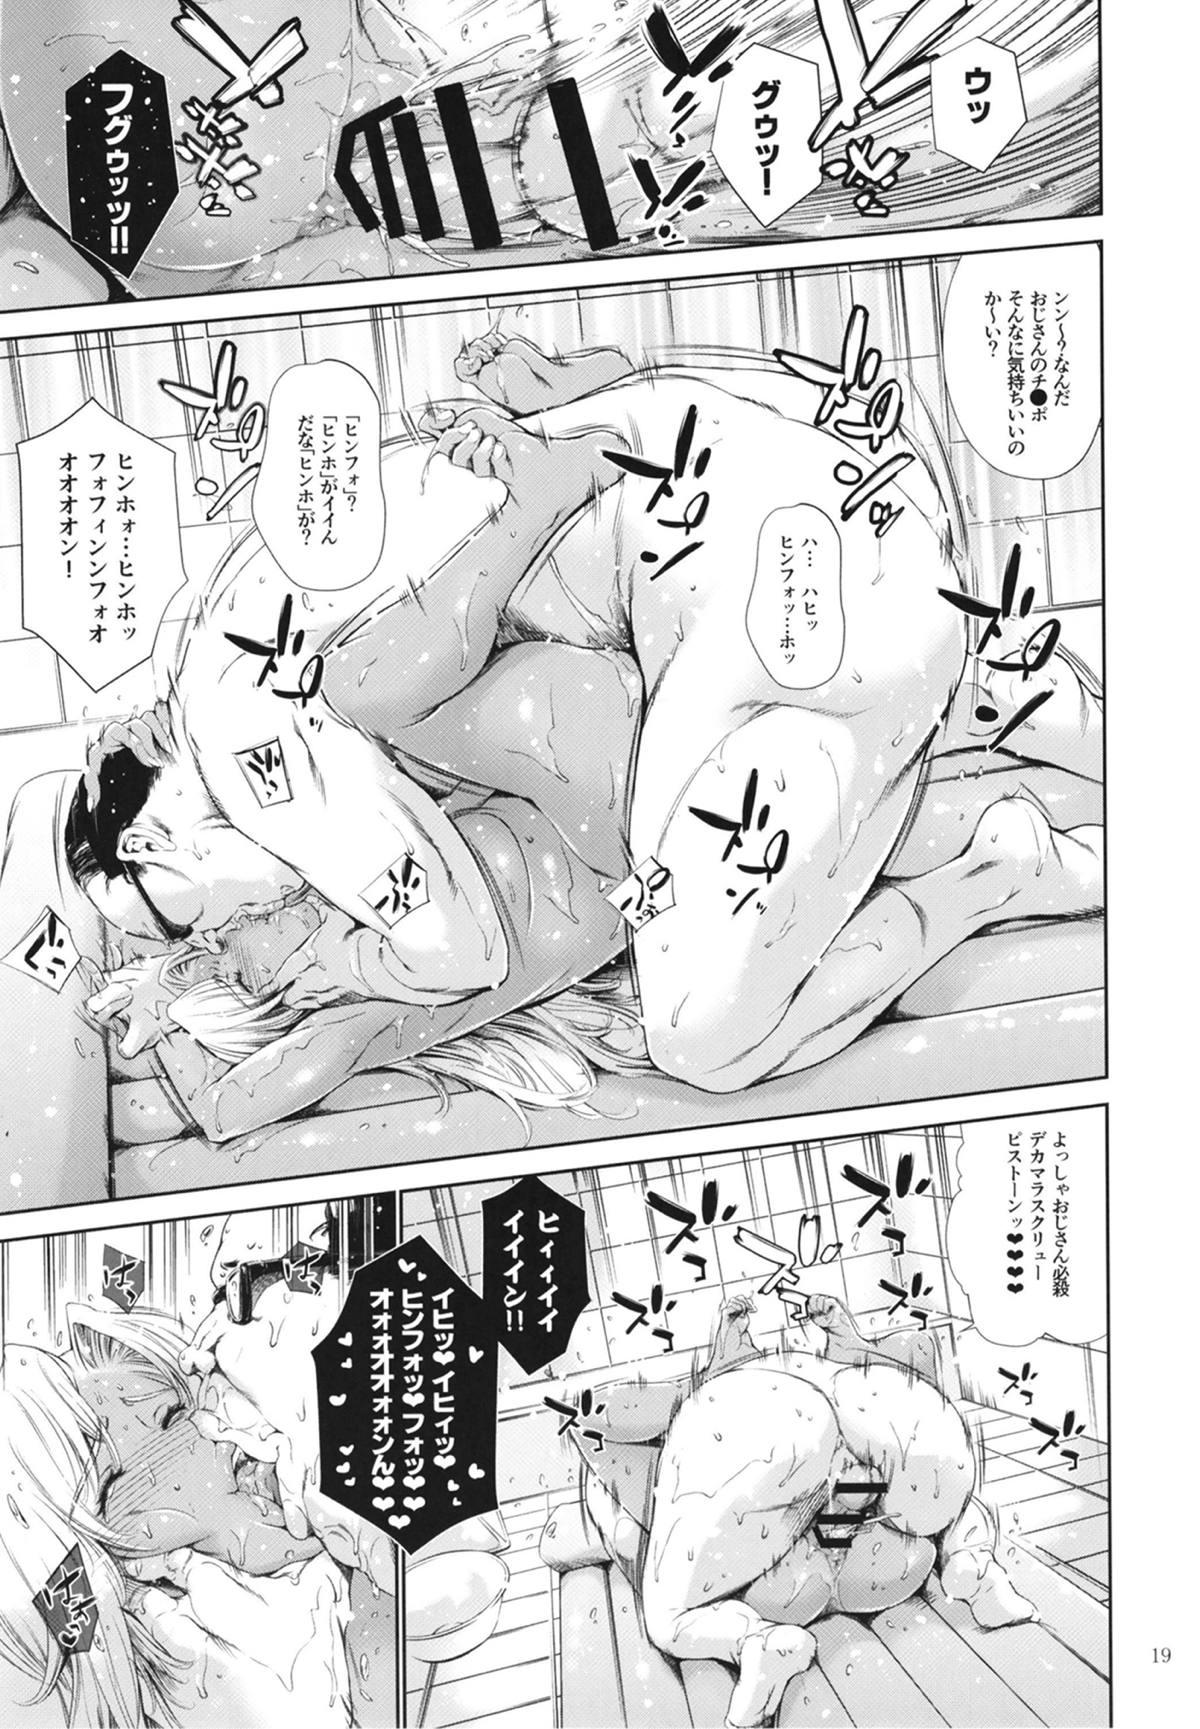 【エロ漫画】敗北した女騎士さんには残念ながらソープで体を売っていただきますね♪ハードプレイ求められてもちゃんと受け止めてね?女騎士だったら出来るでしょ?